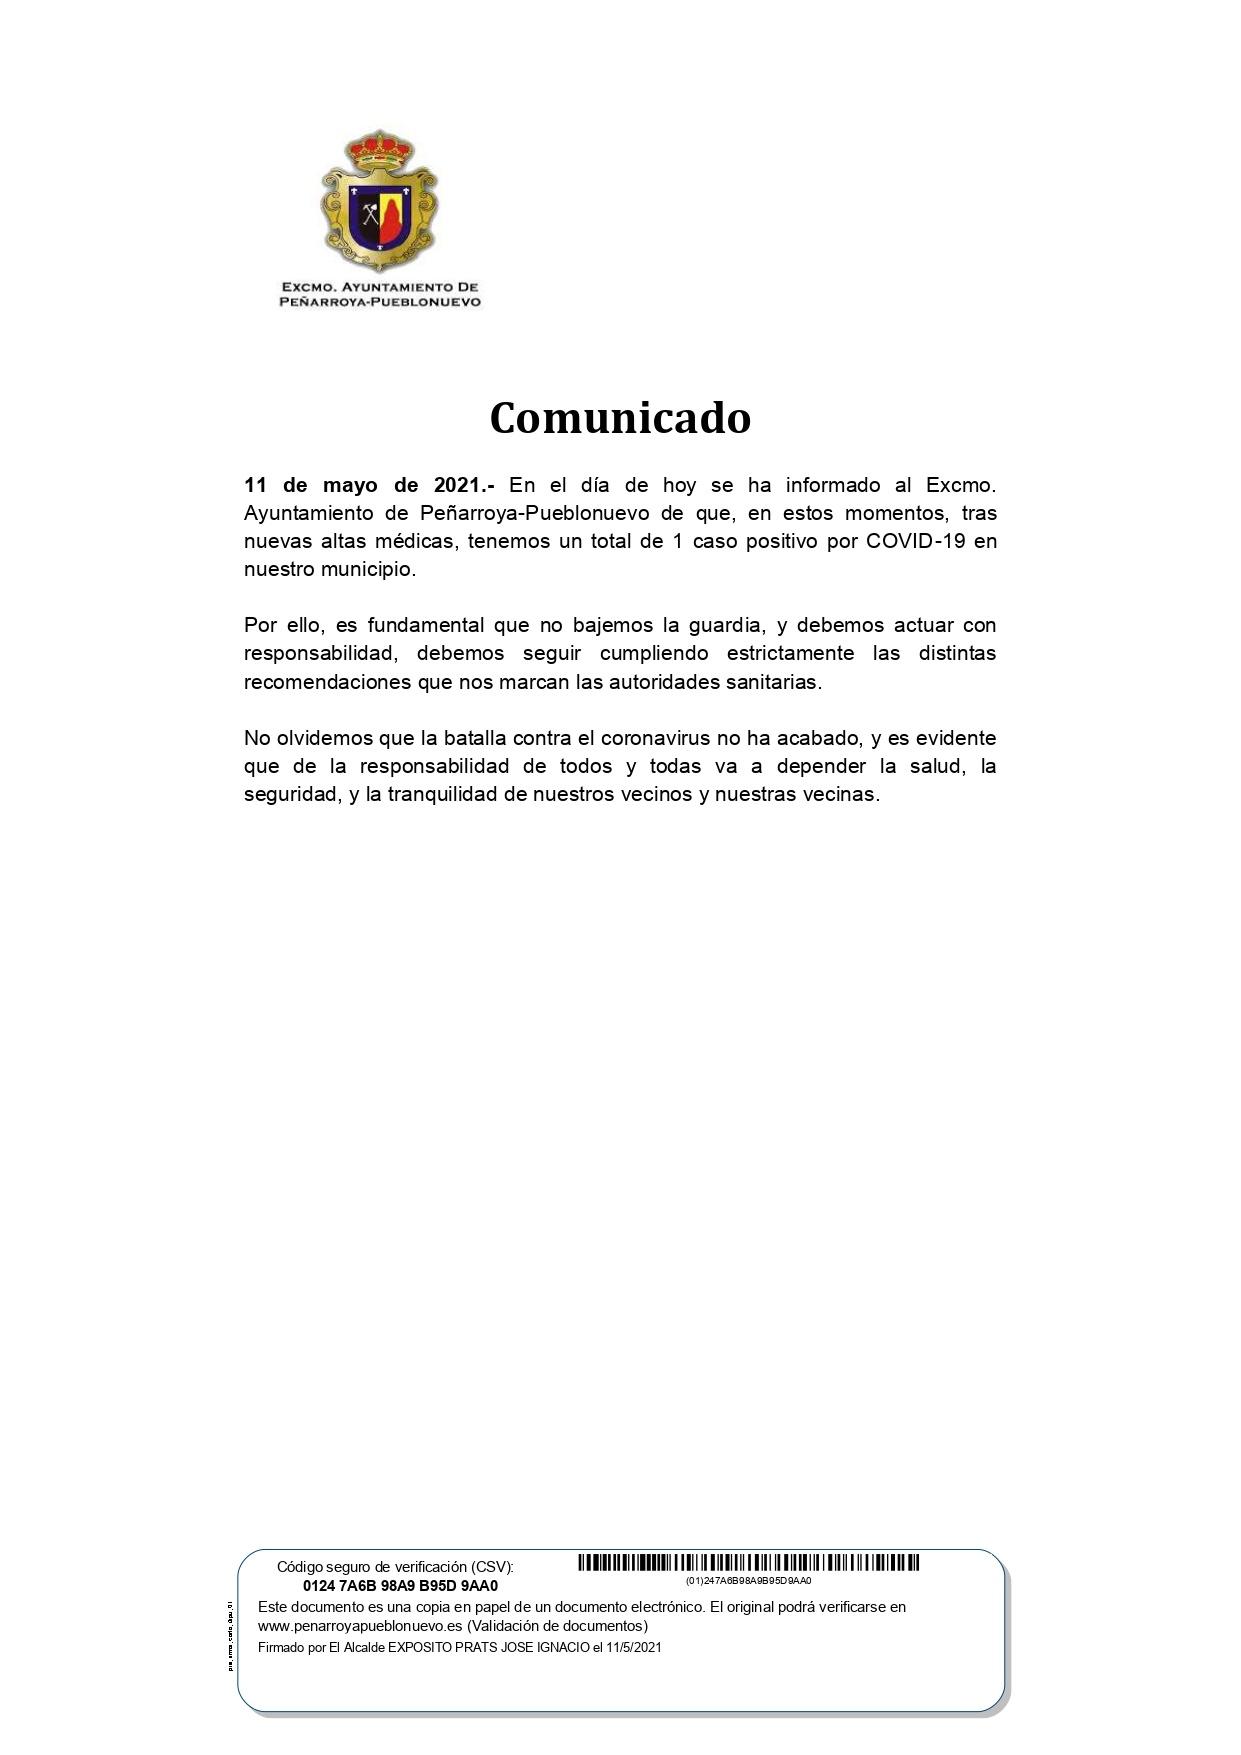 DATOS COVID-19 EN NUESTRO MUNICIPIO 11 DE MAYO 2021